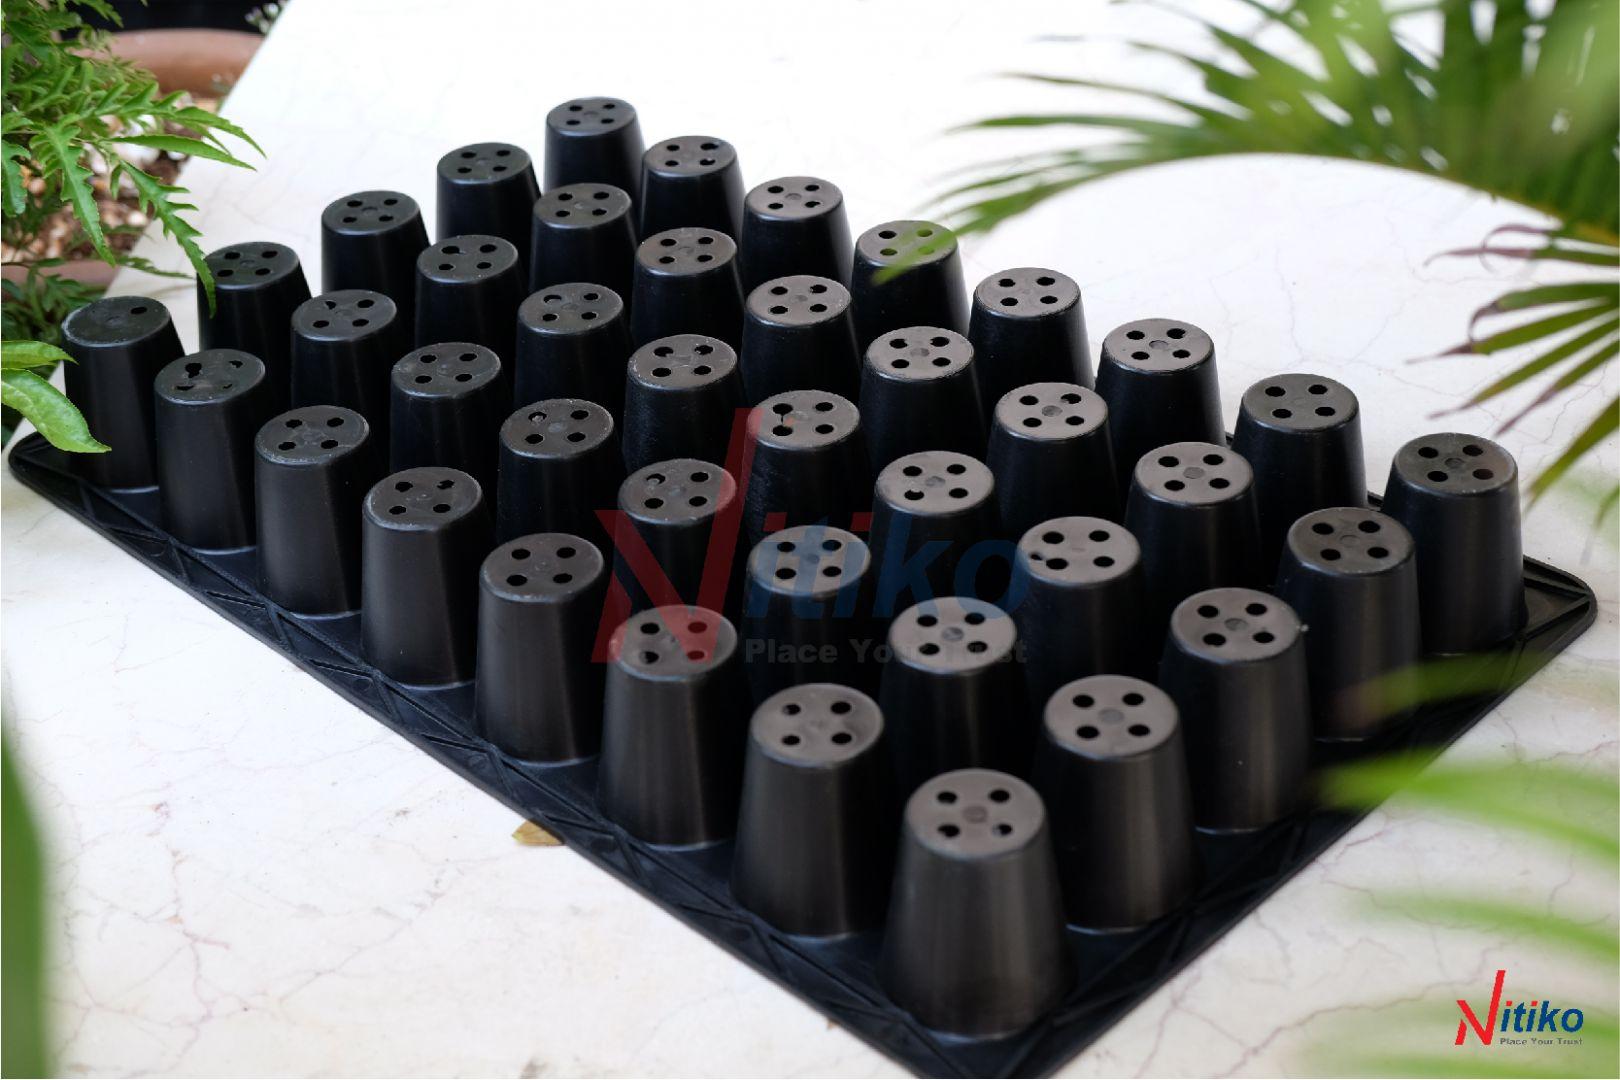 Khay ươm cây trồng 40 lỗ sản xuất tại Việt Nam